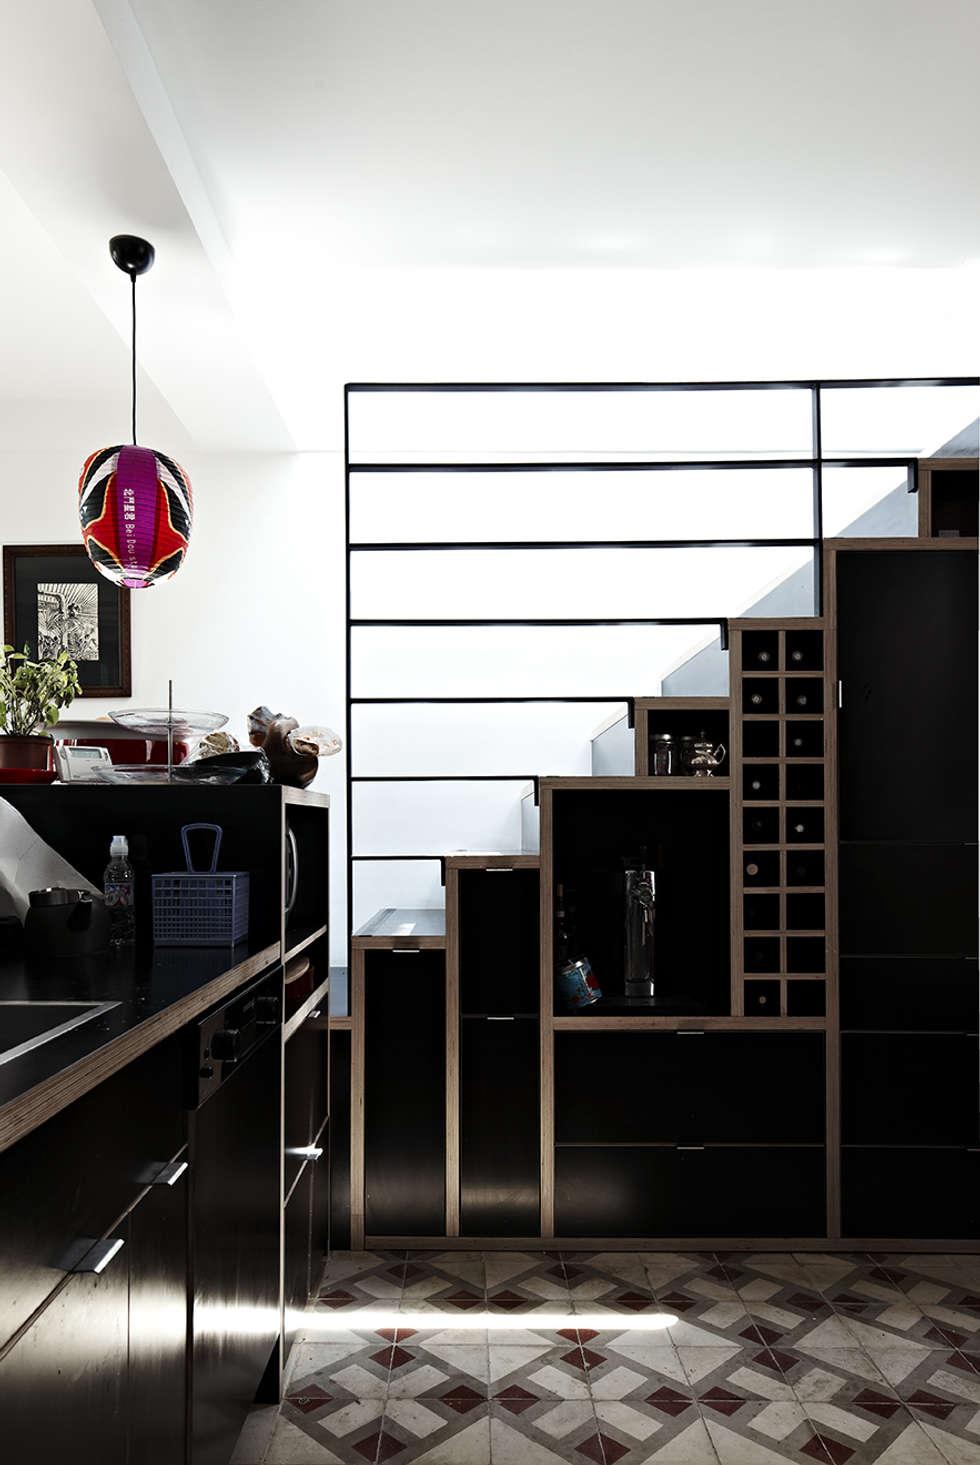 Escalier rangement dans la cuisine: Cuisine de style de style Moderne par Capucine de Cointet architecte